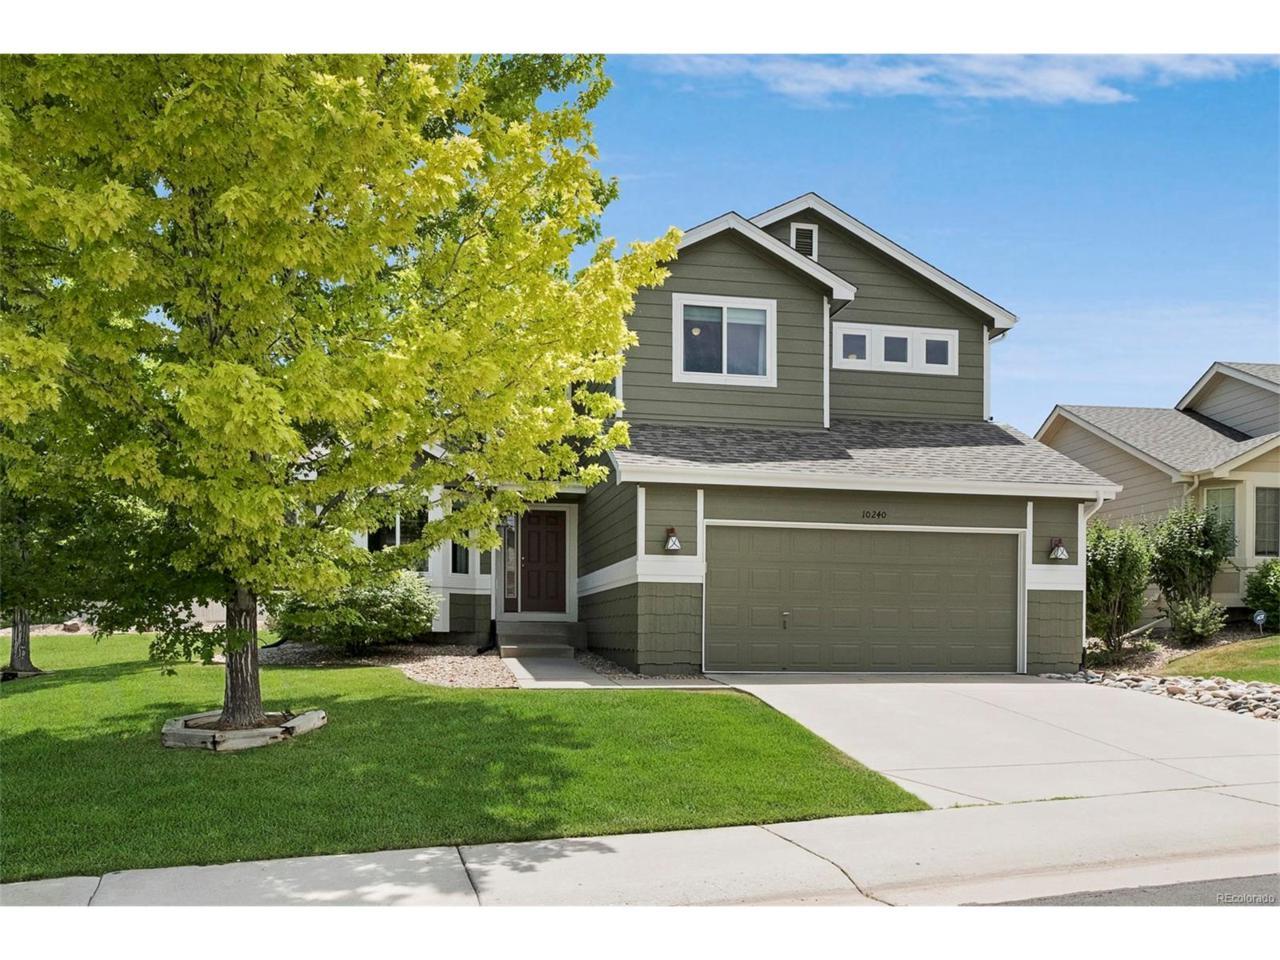 10240 Royal Eagle Street, Highlands Ranch, CO 80129 (MLS #2565691) :: 8z Real Estate